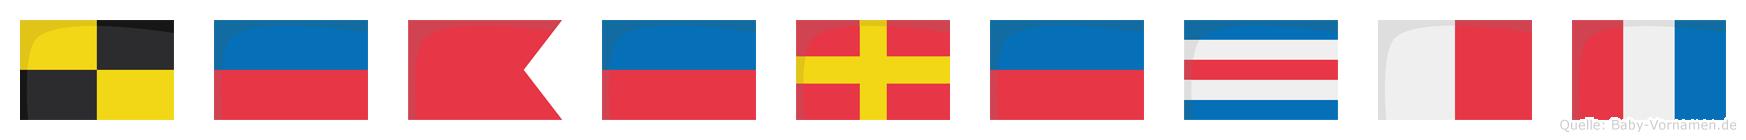 Leberecht im Flaggenalphabet